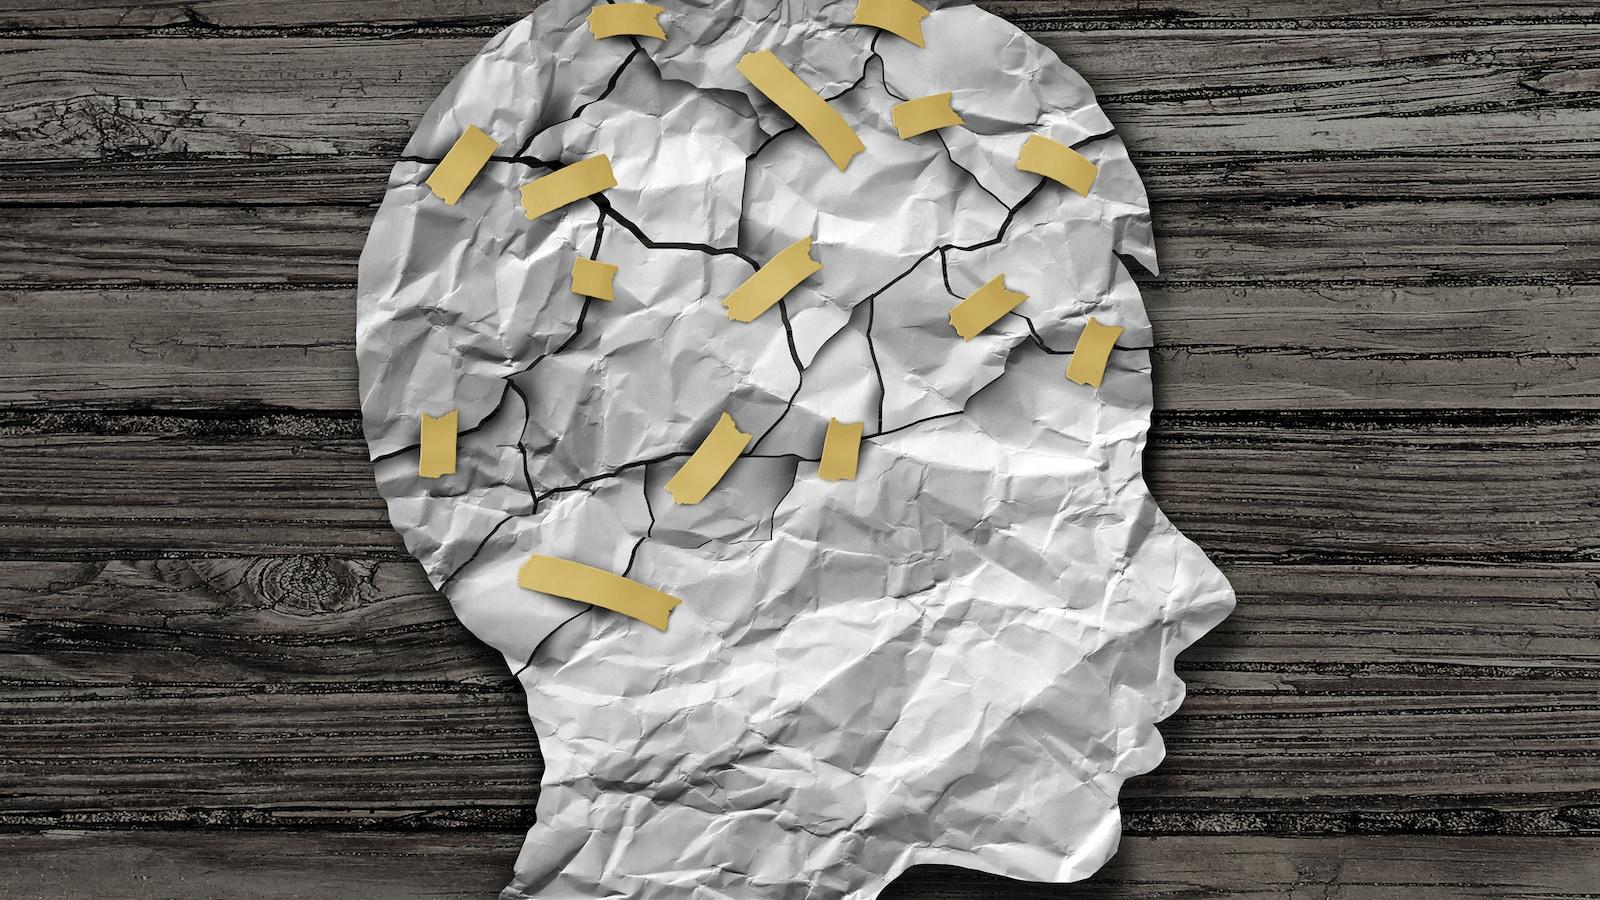 Une feuille découpée en morceaux représentant une tête et un cerveau.